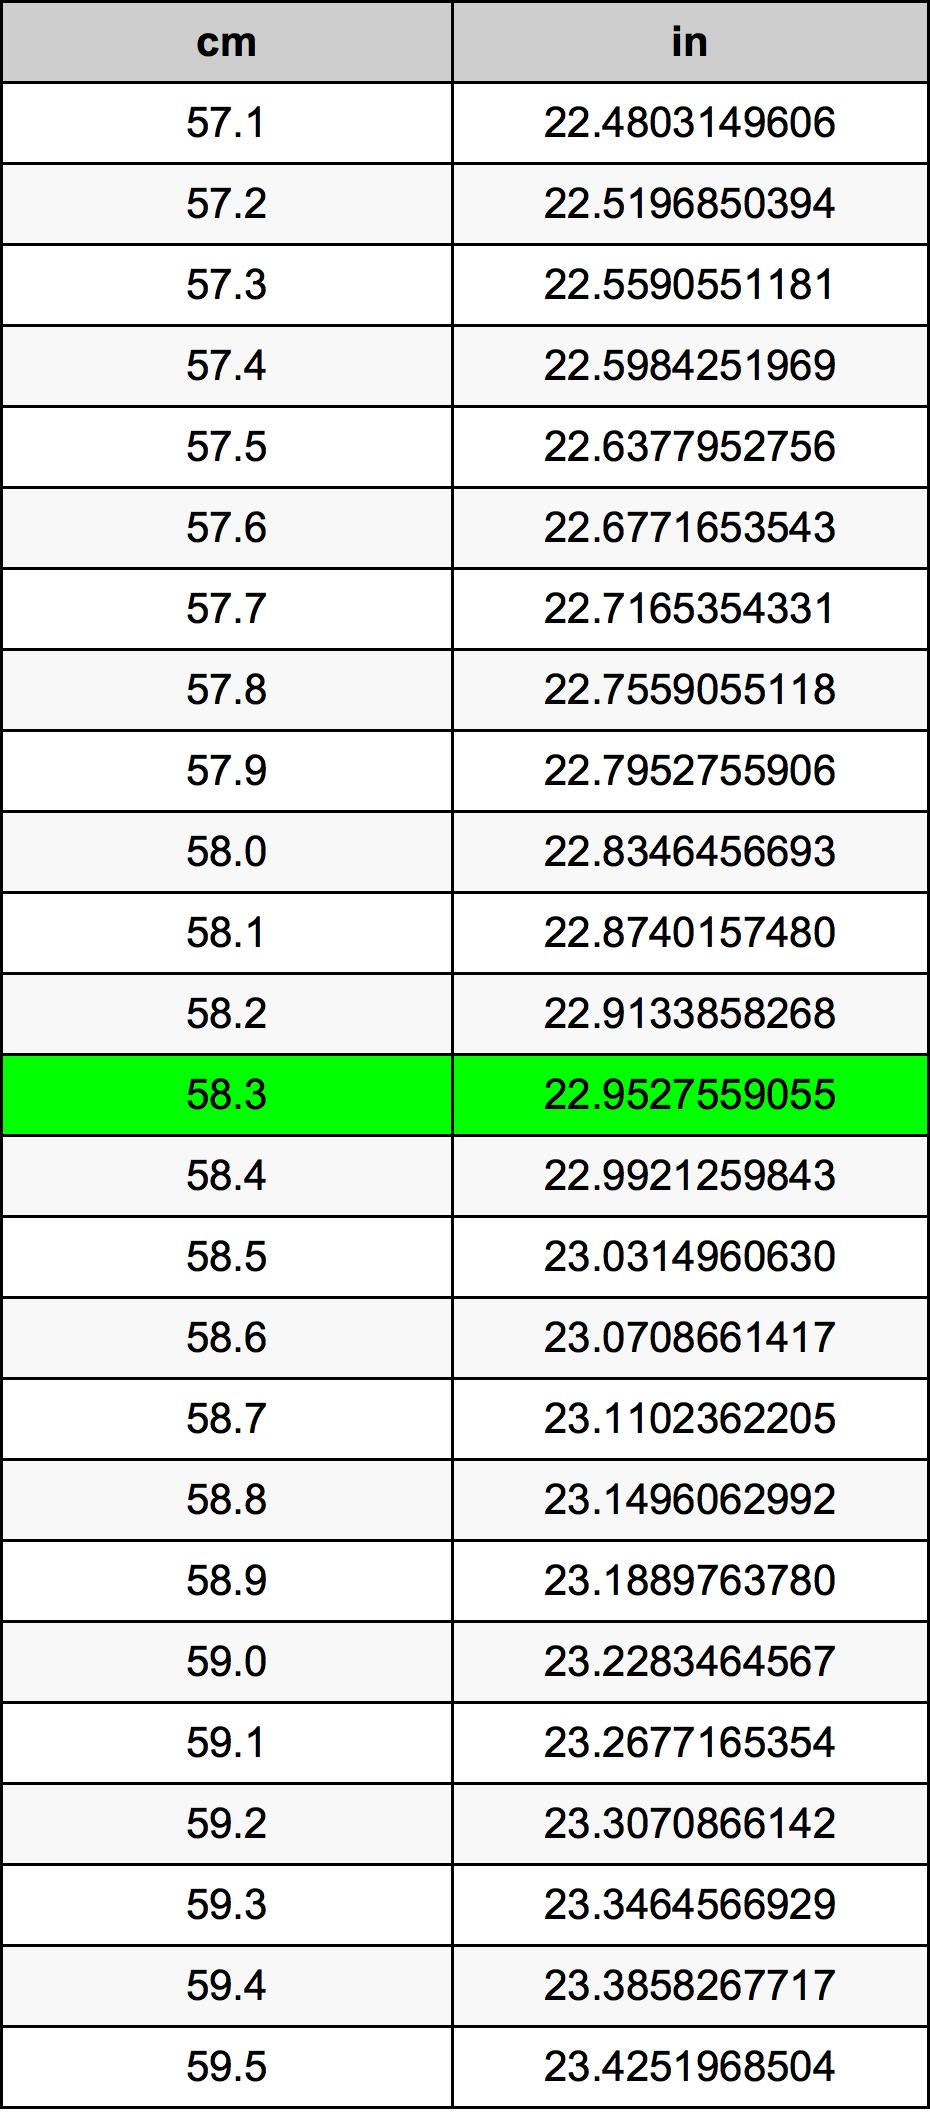 58.3 Zentimeter Umrechnungstabelle